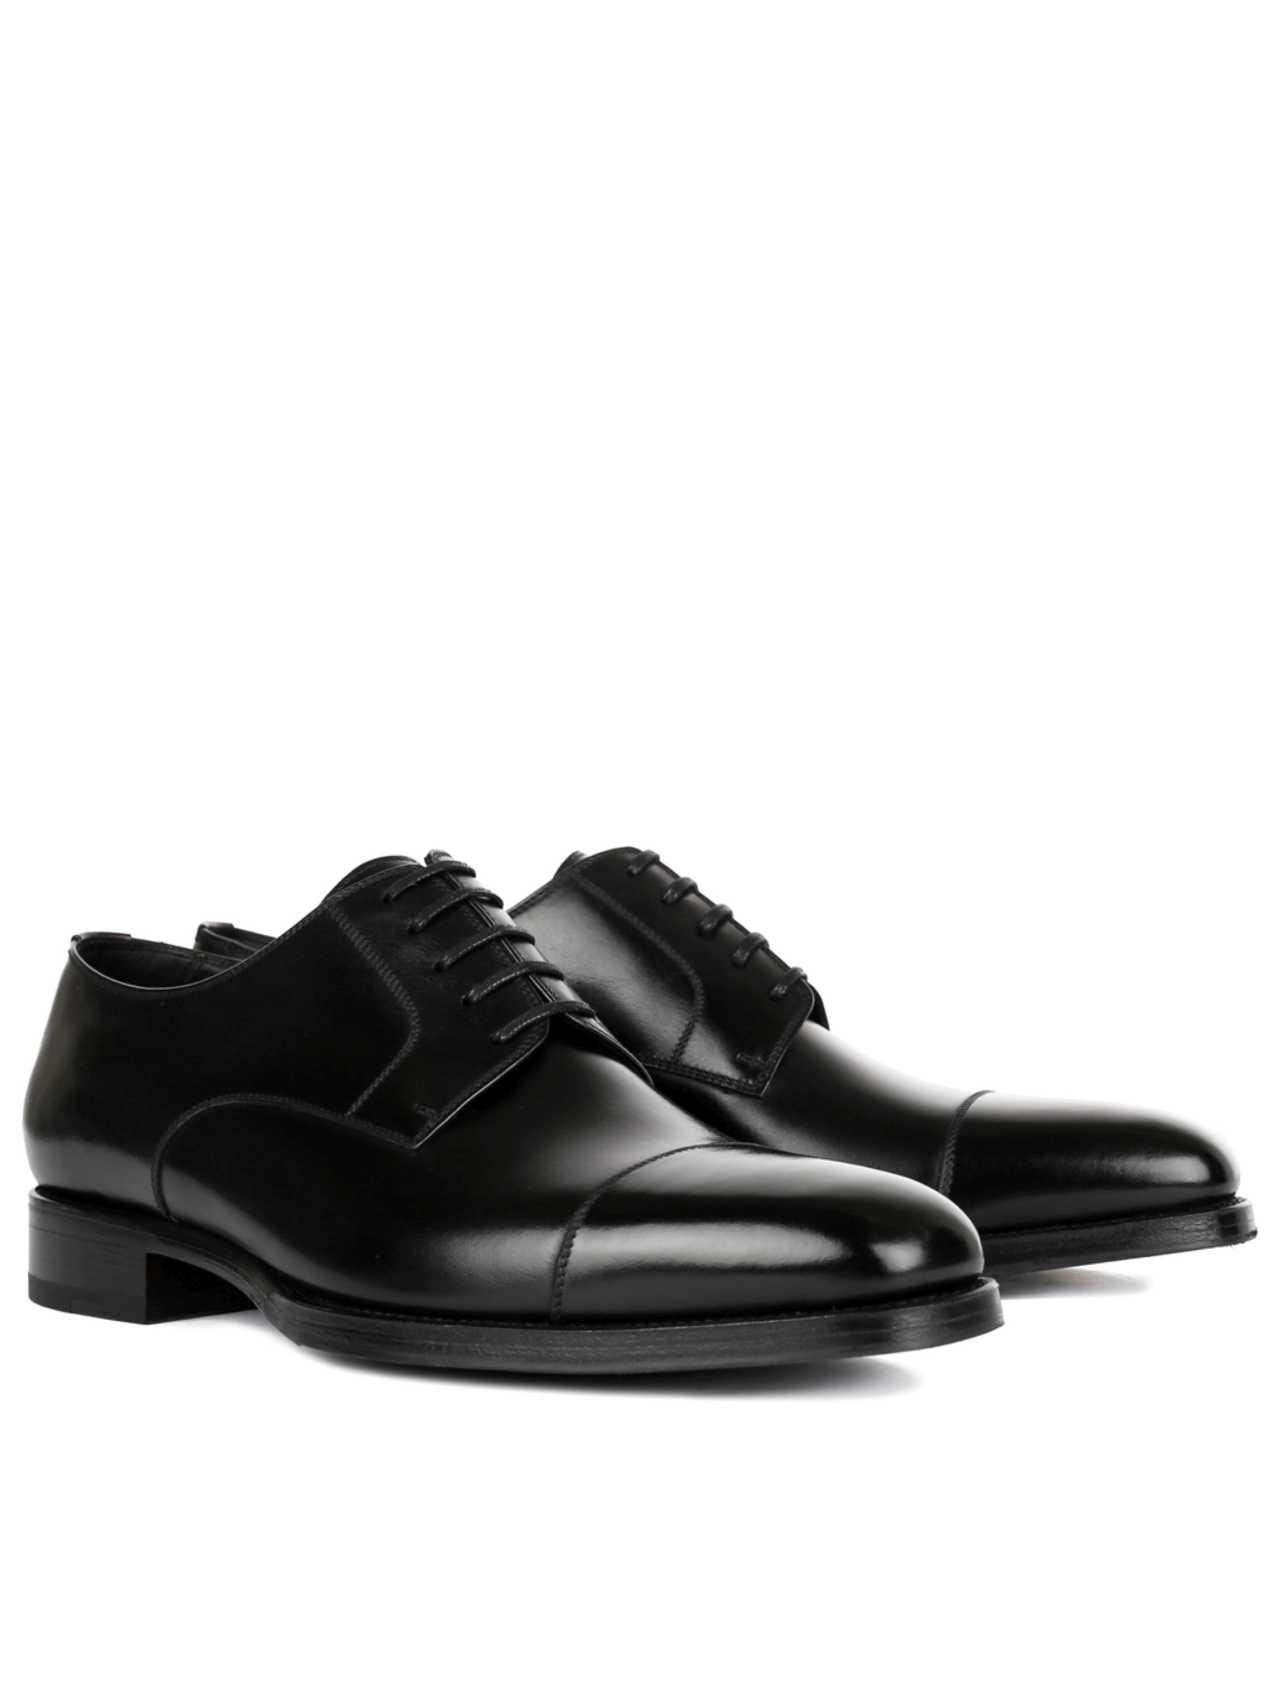 פקטורי 54,מותגי על,קולקציה חדשה,נעליים